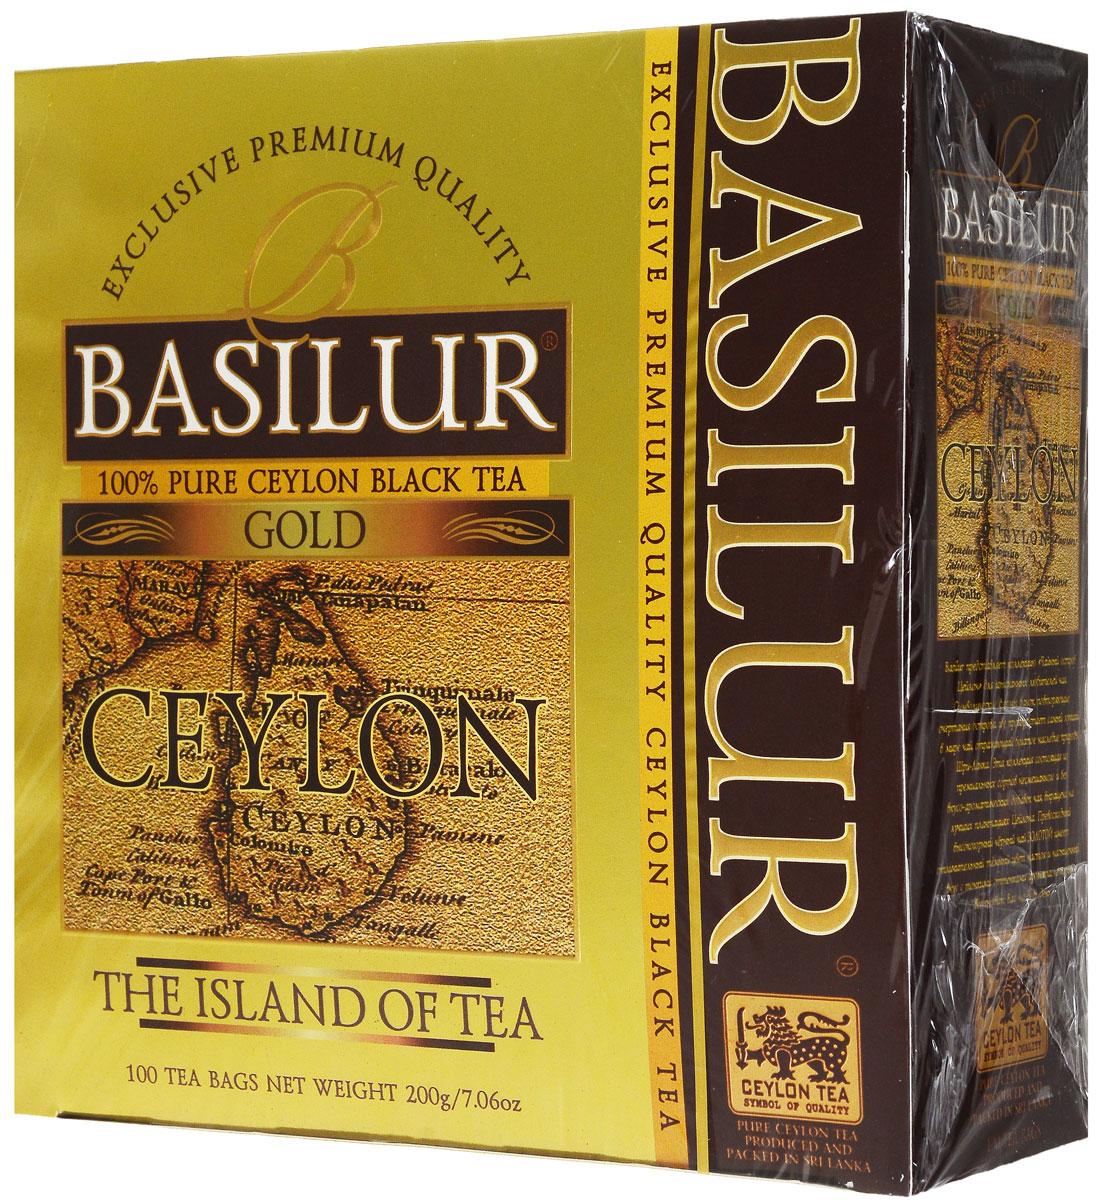 Basilur Gold черный чай в пакетиках, 100 шт71009-00Basilur Gold OP1 - черный байховый мелколистовой чай в пакетиках с ярлычками для разовой заварки. Orange Pekoe 1 - это высокий стандарт листового цейлонского чая, который сочетает в себе полноту вкуса с тонкими оттенками аромата. А благородный золотистый цвет его настоя делает напиток поистине драгоценным.